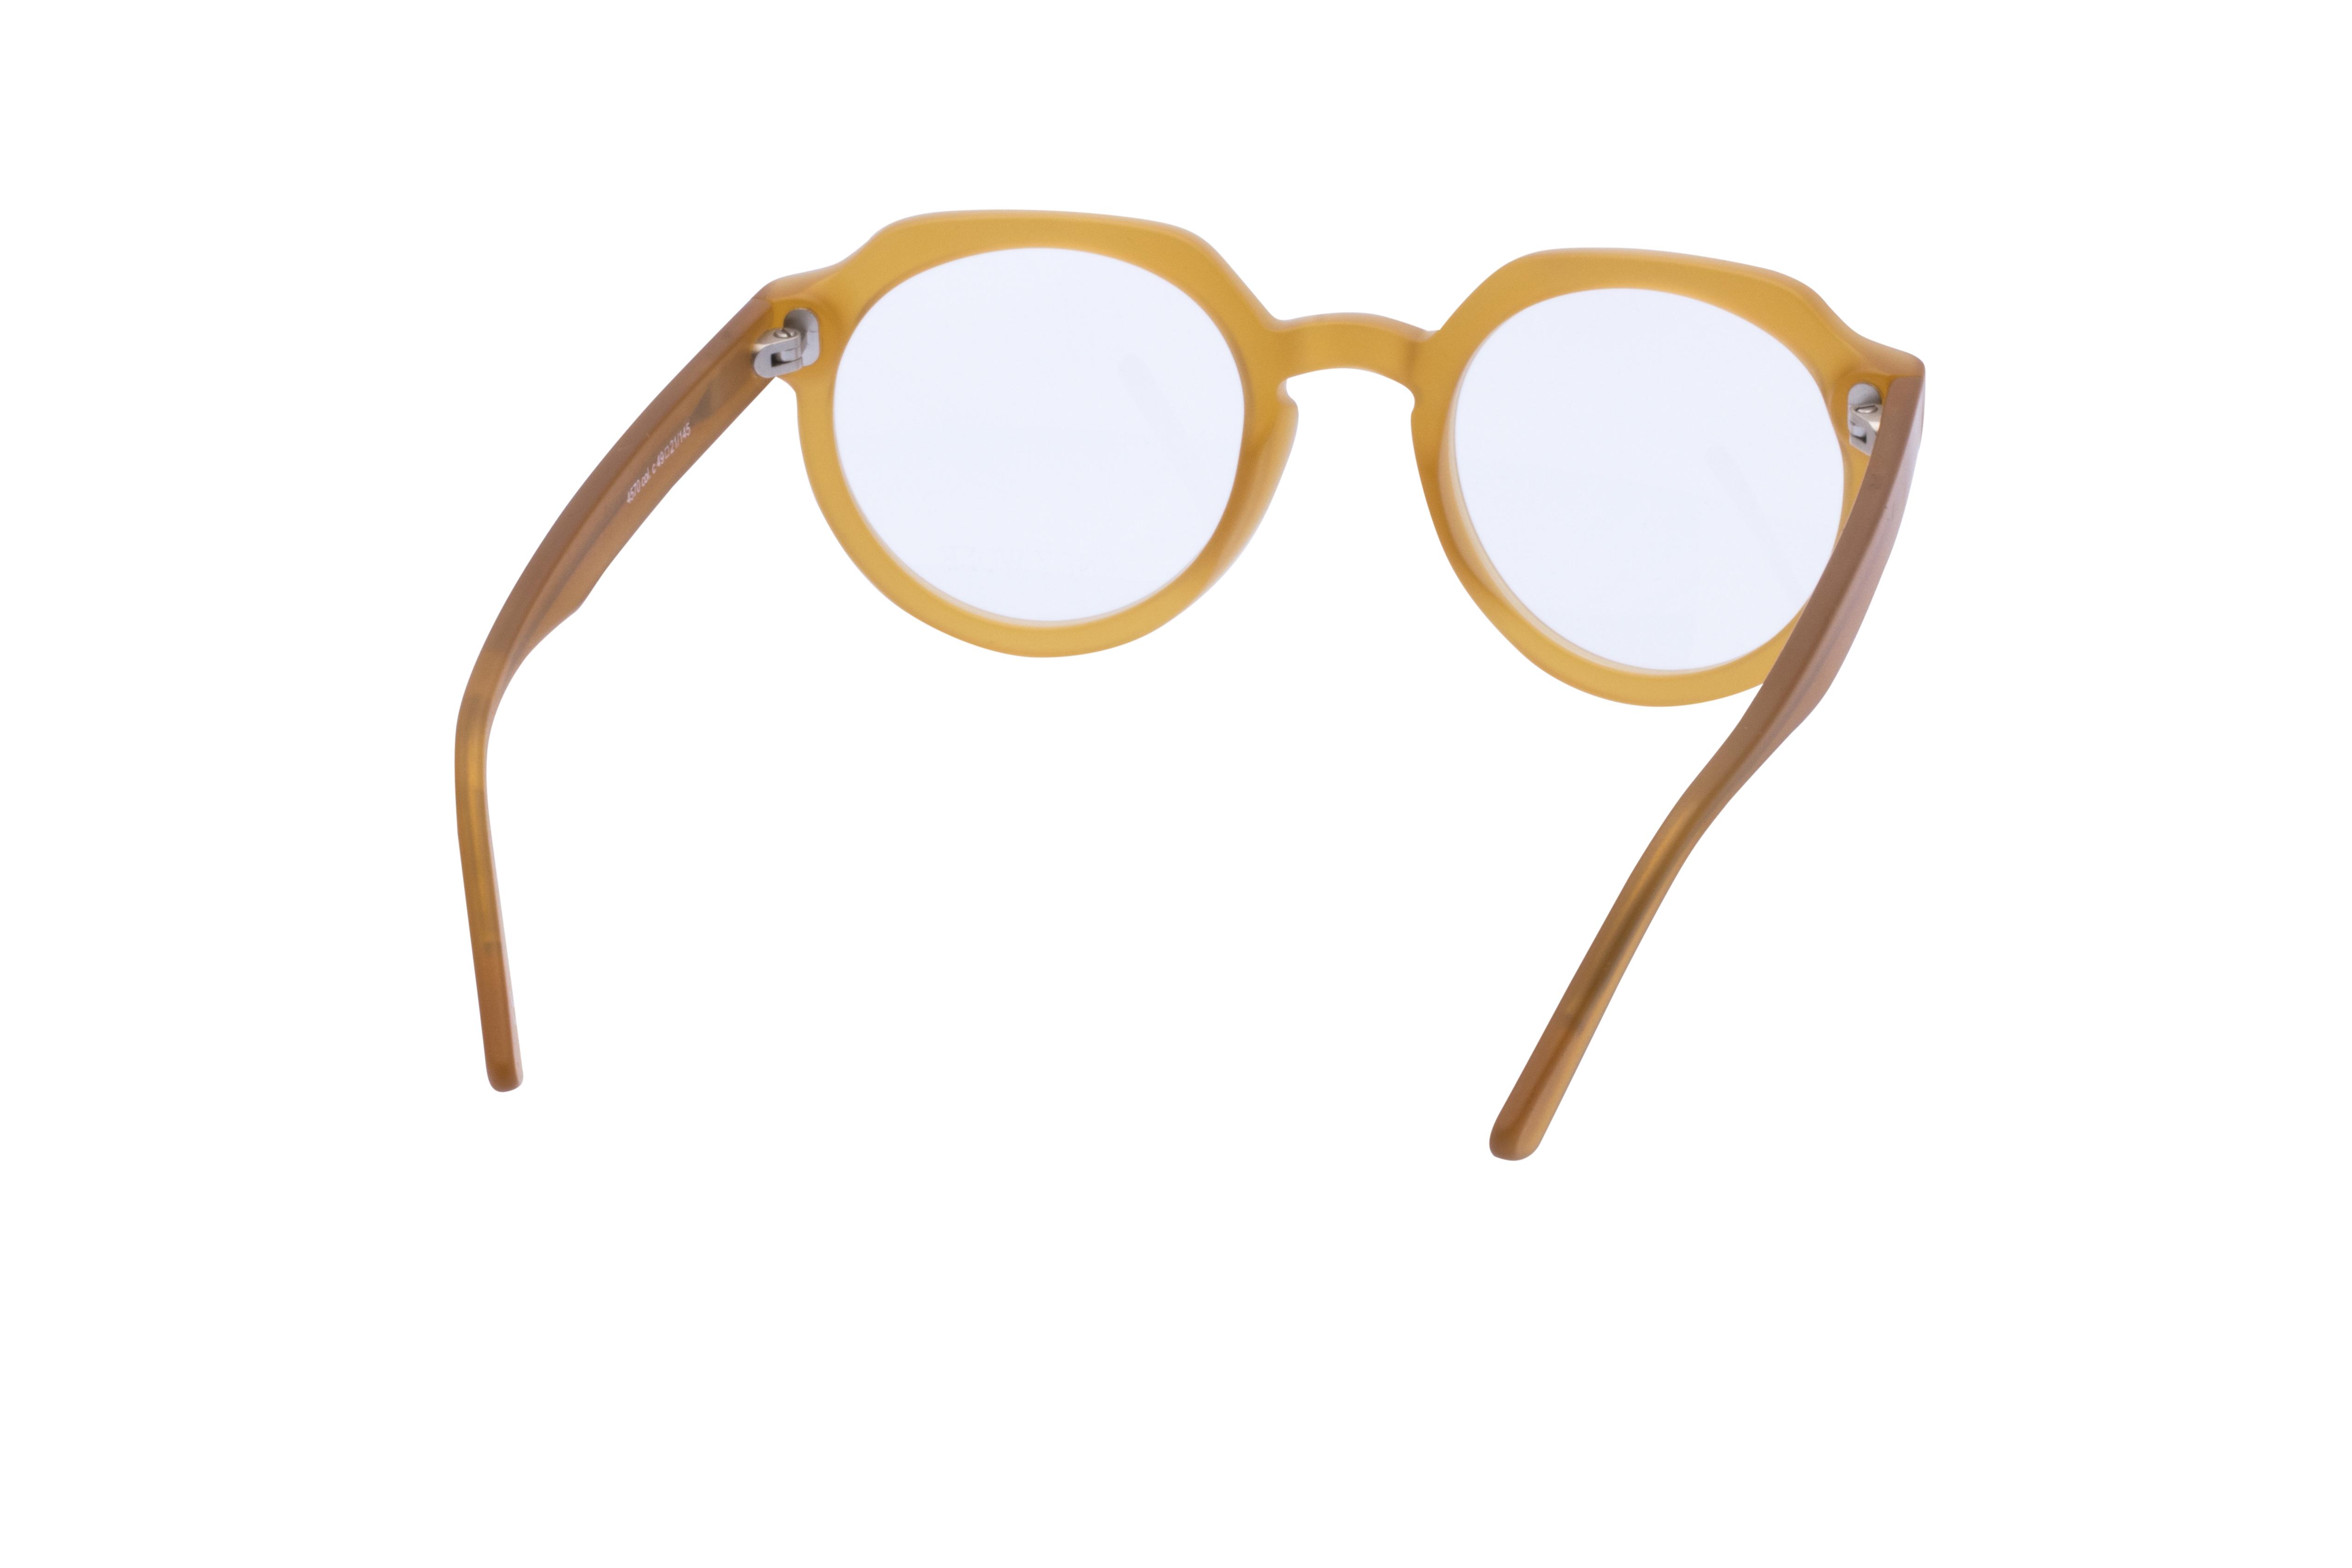 360 Grad Ansicht 11 Andy Wolf 4570, Brille auf Weiß - Fassung bei KUNK